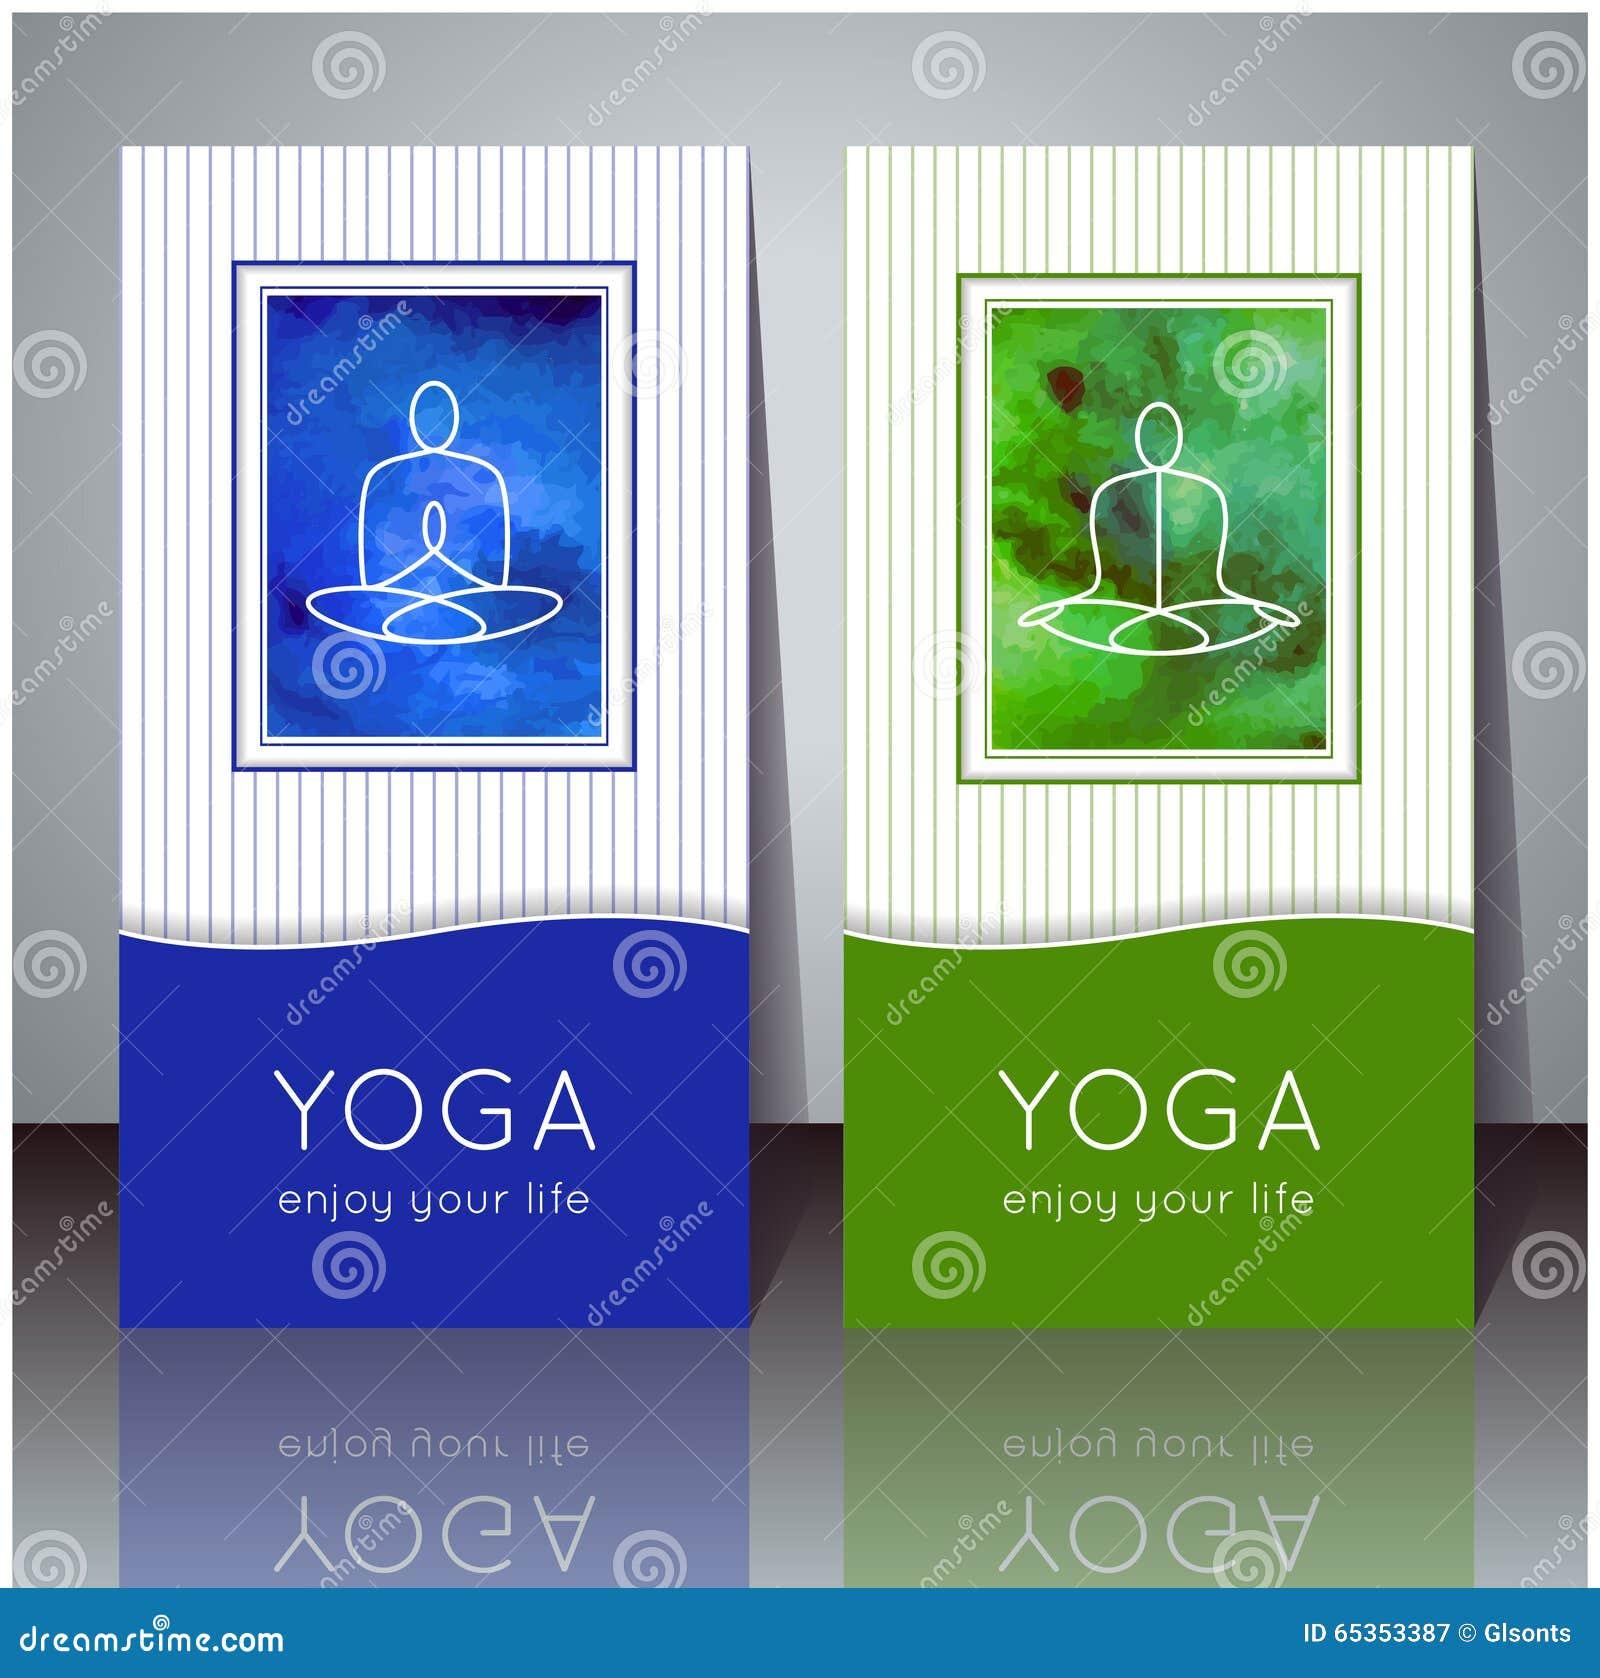 Download Cartes De Yoga Avec La Texture Daquarelle Et Silhouette Yogi Illustration